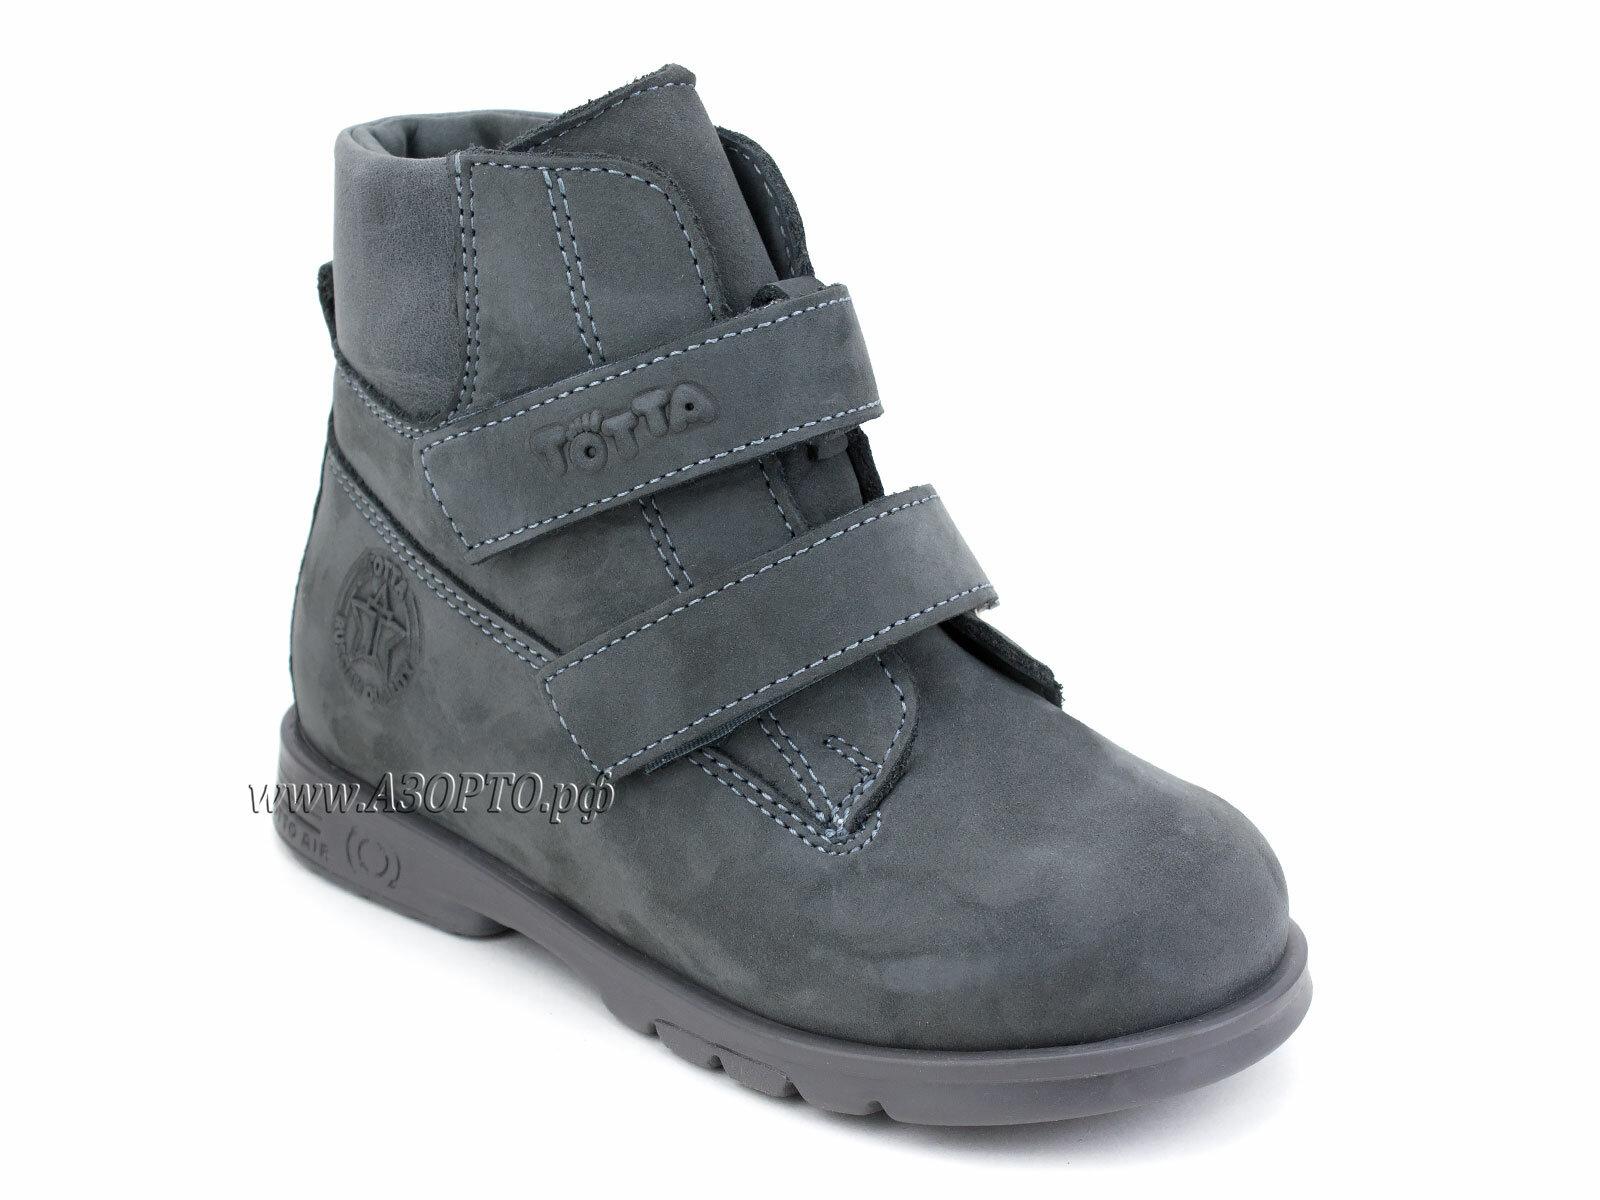 Ботинки Тотта — купить по выгодной цене на Яндекс.Маркете